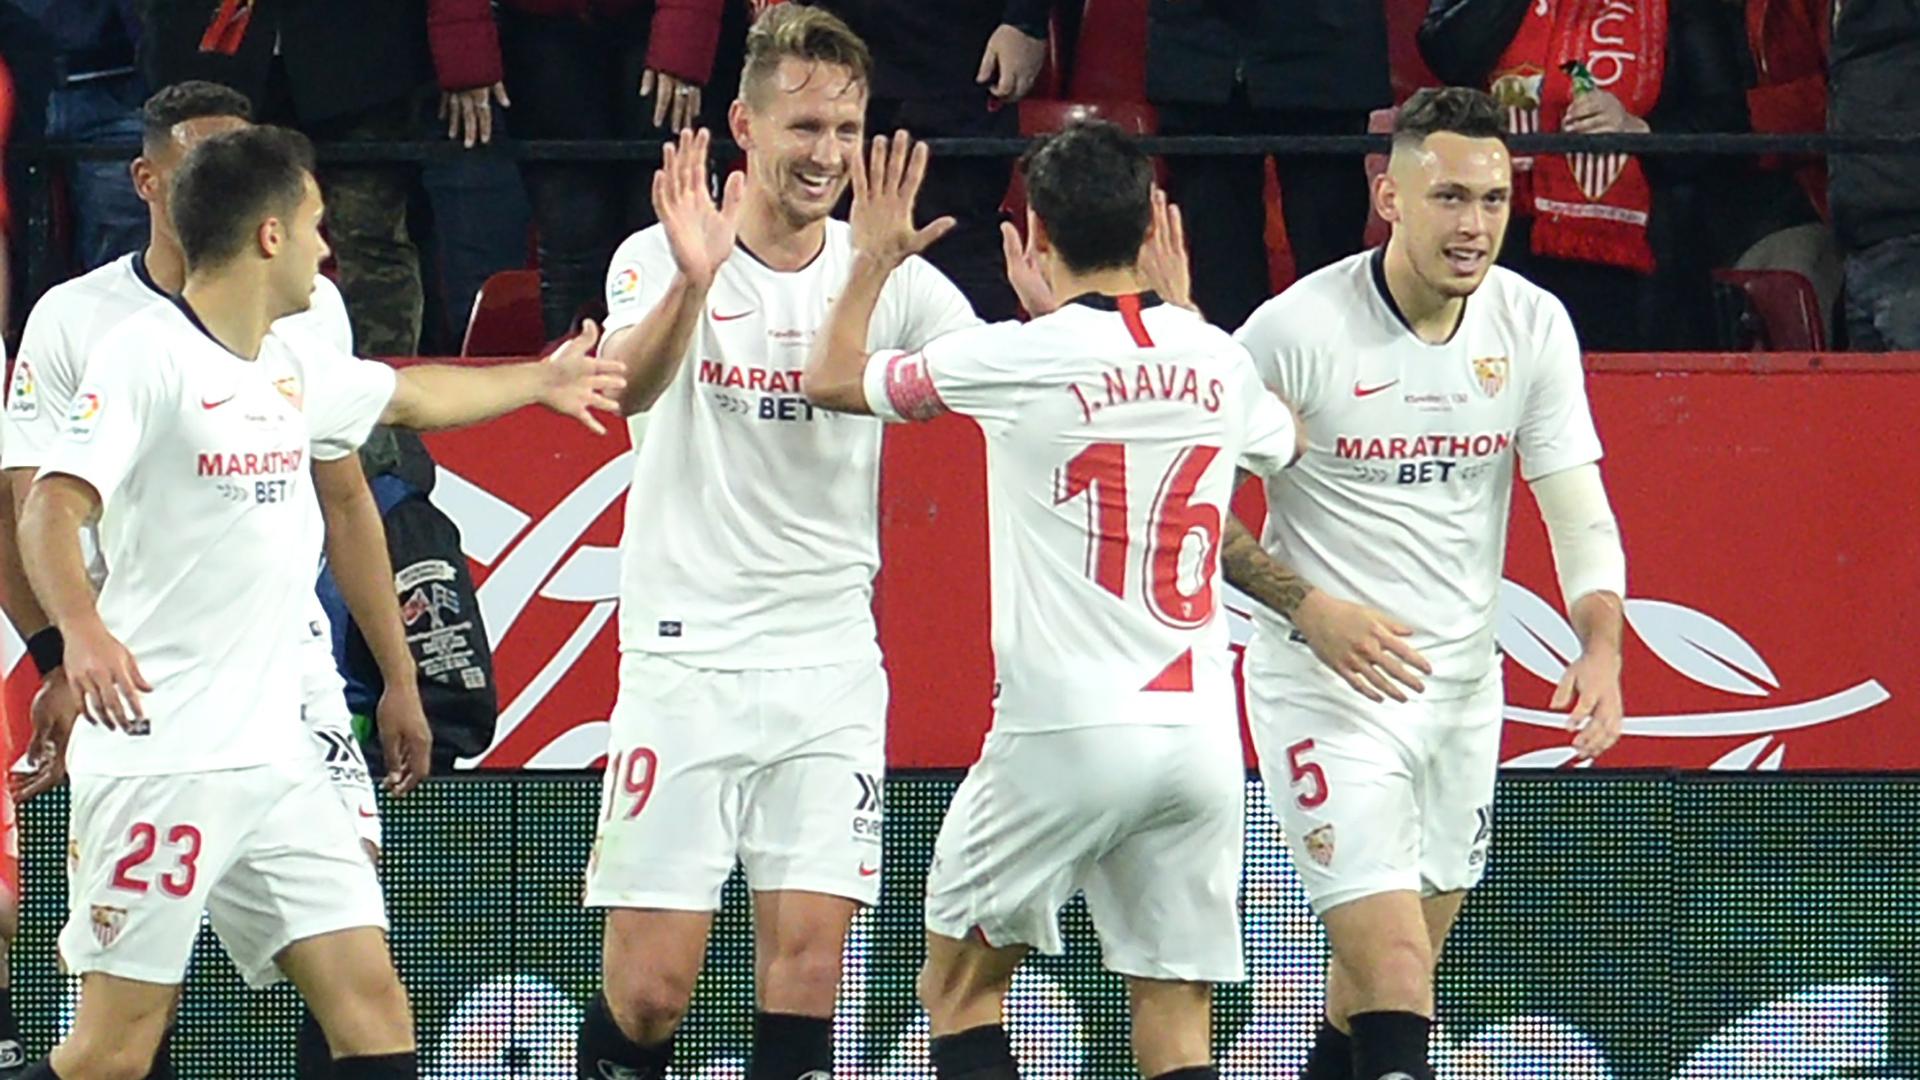 La Liga could return with Sevilla-Betis derby on June 11, says Tebas